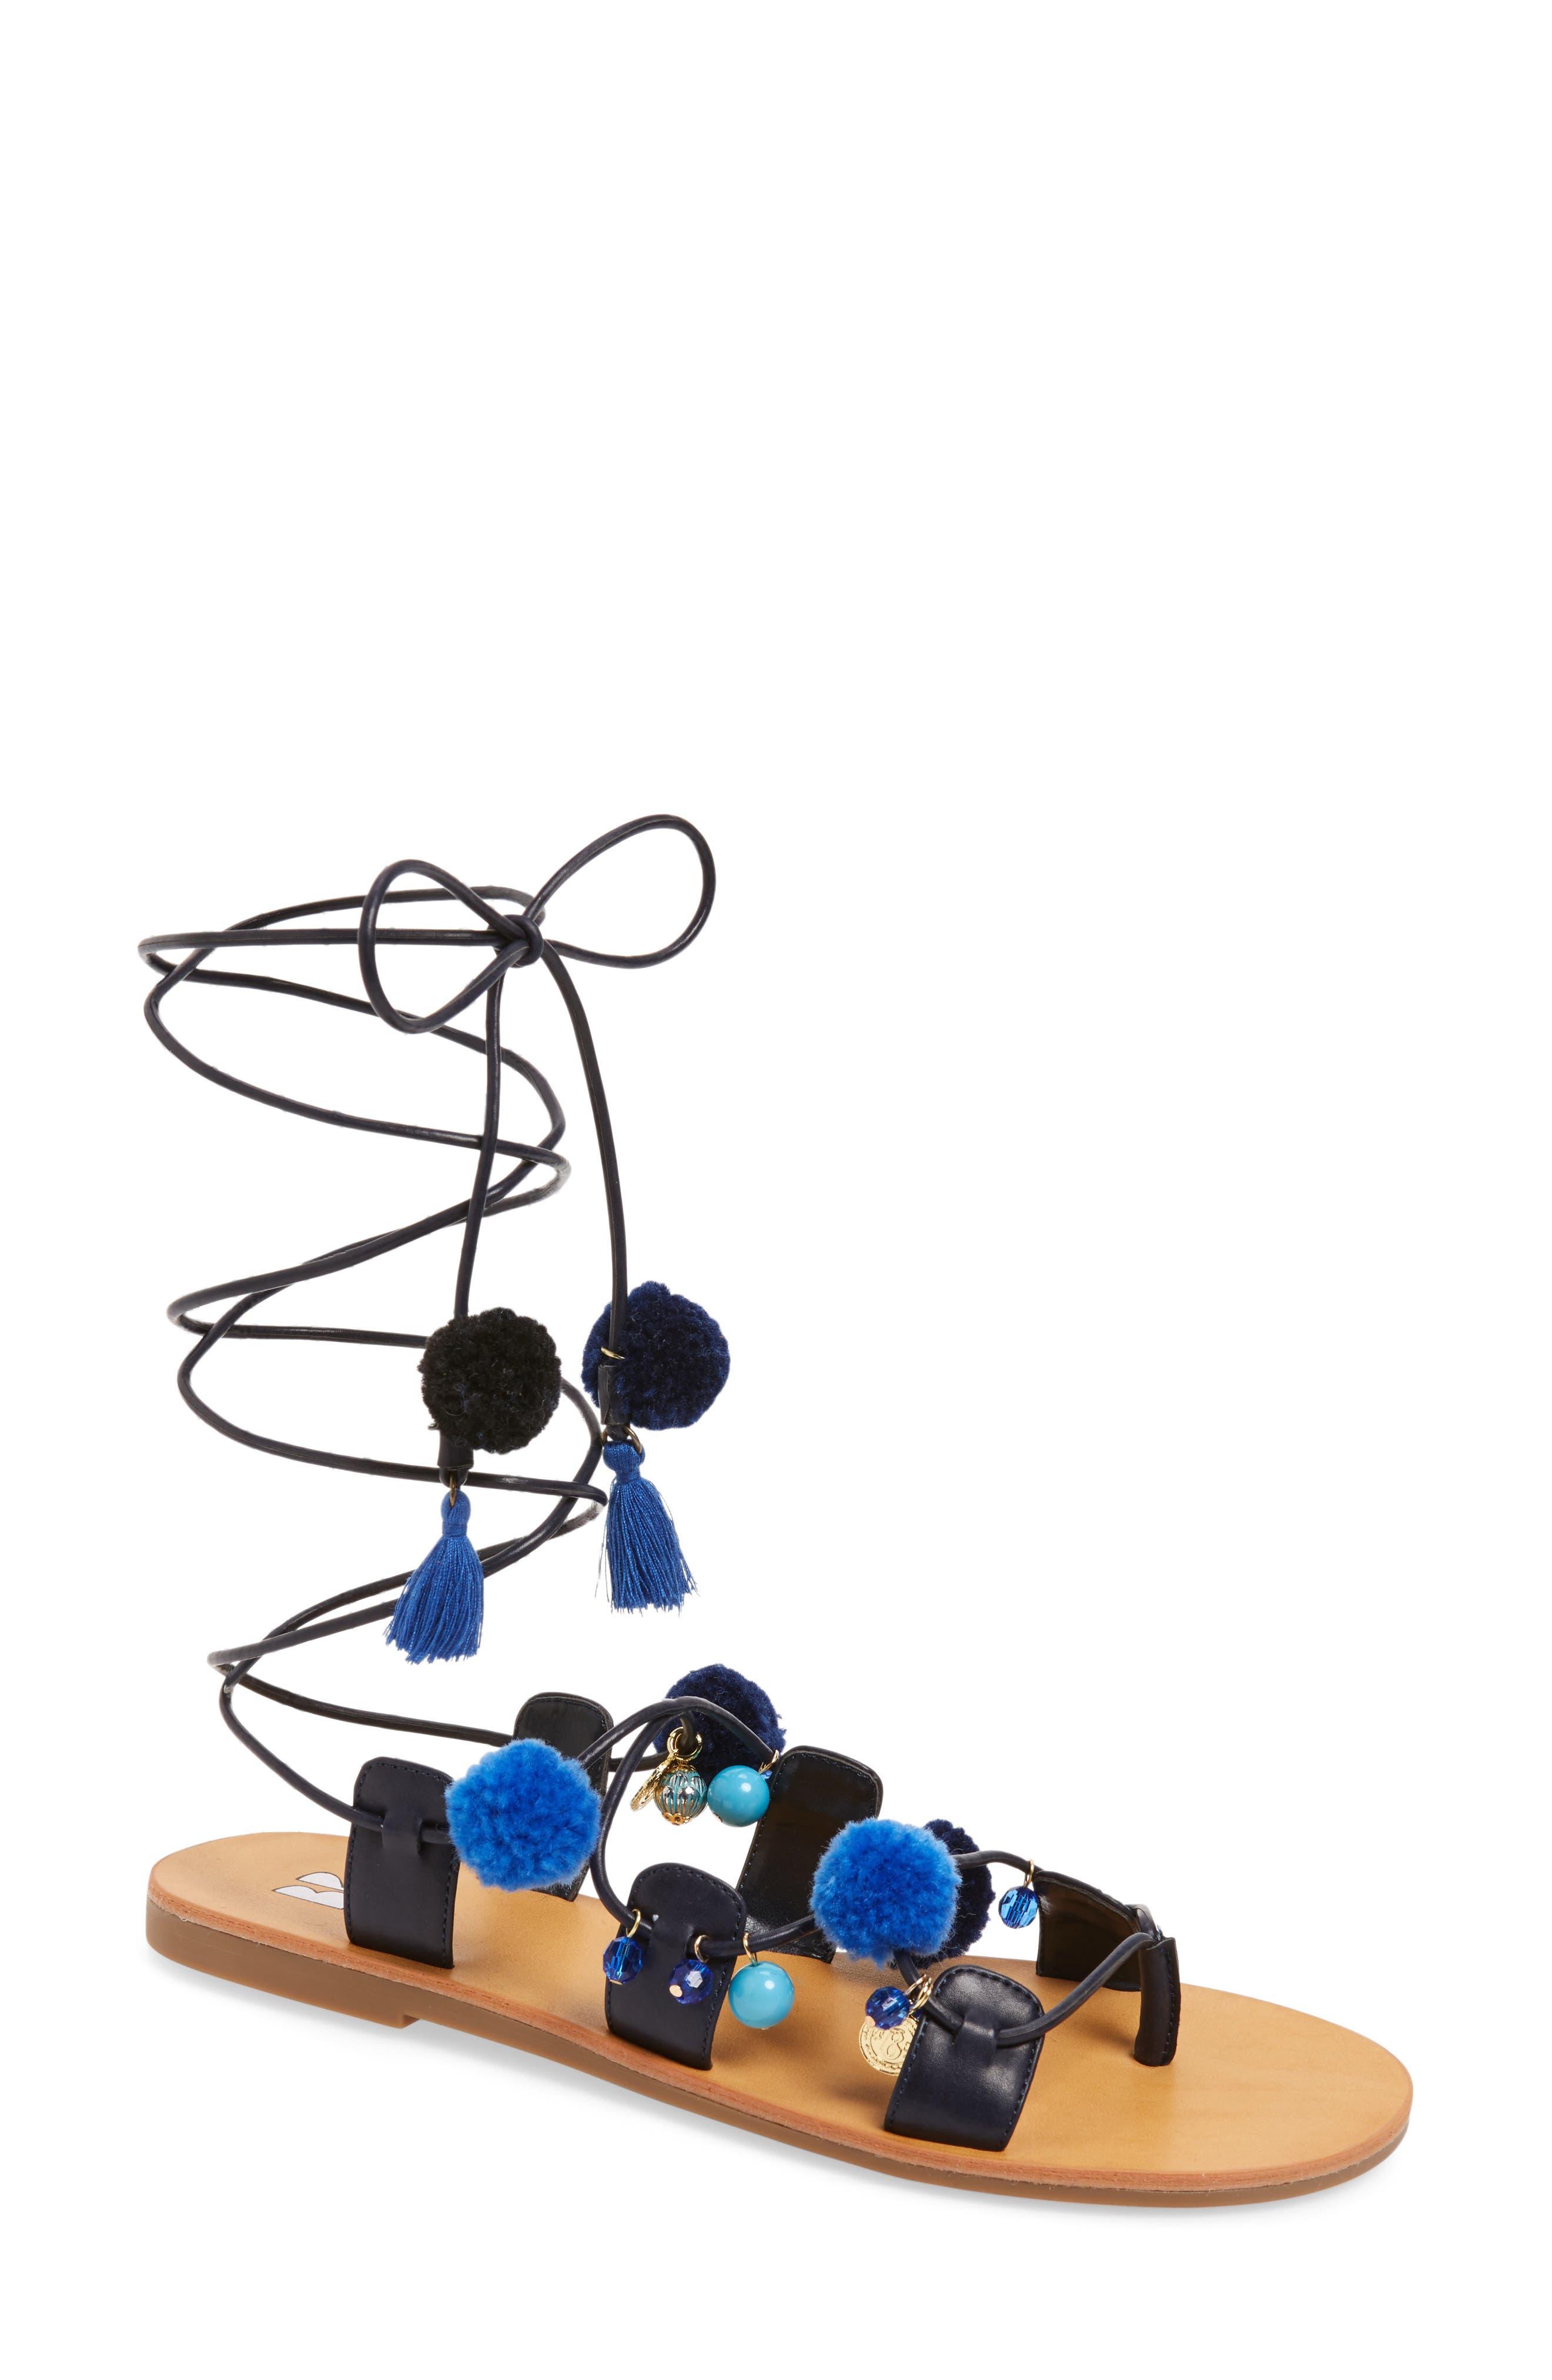 Laney Pompom Lace-Up Sandal,                             Main thumbnail 1, color,                             435